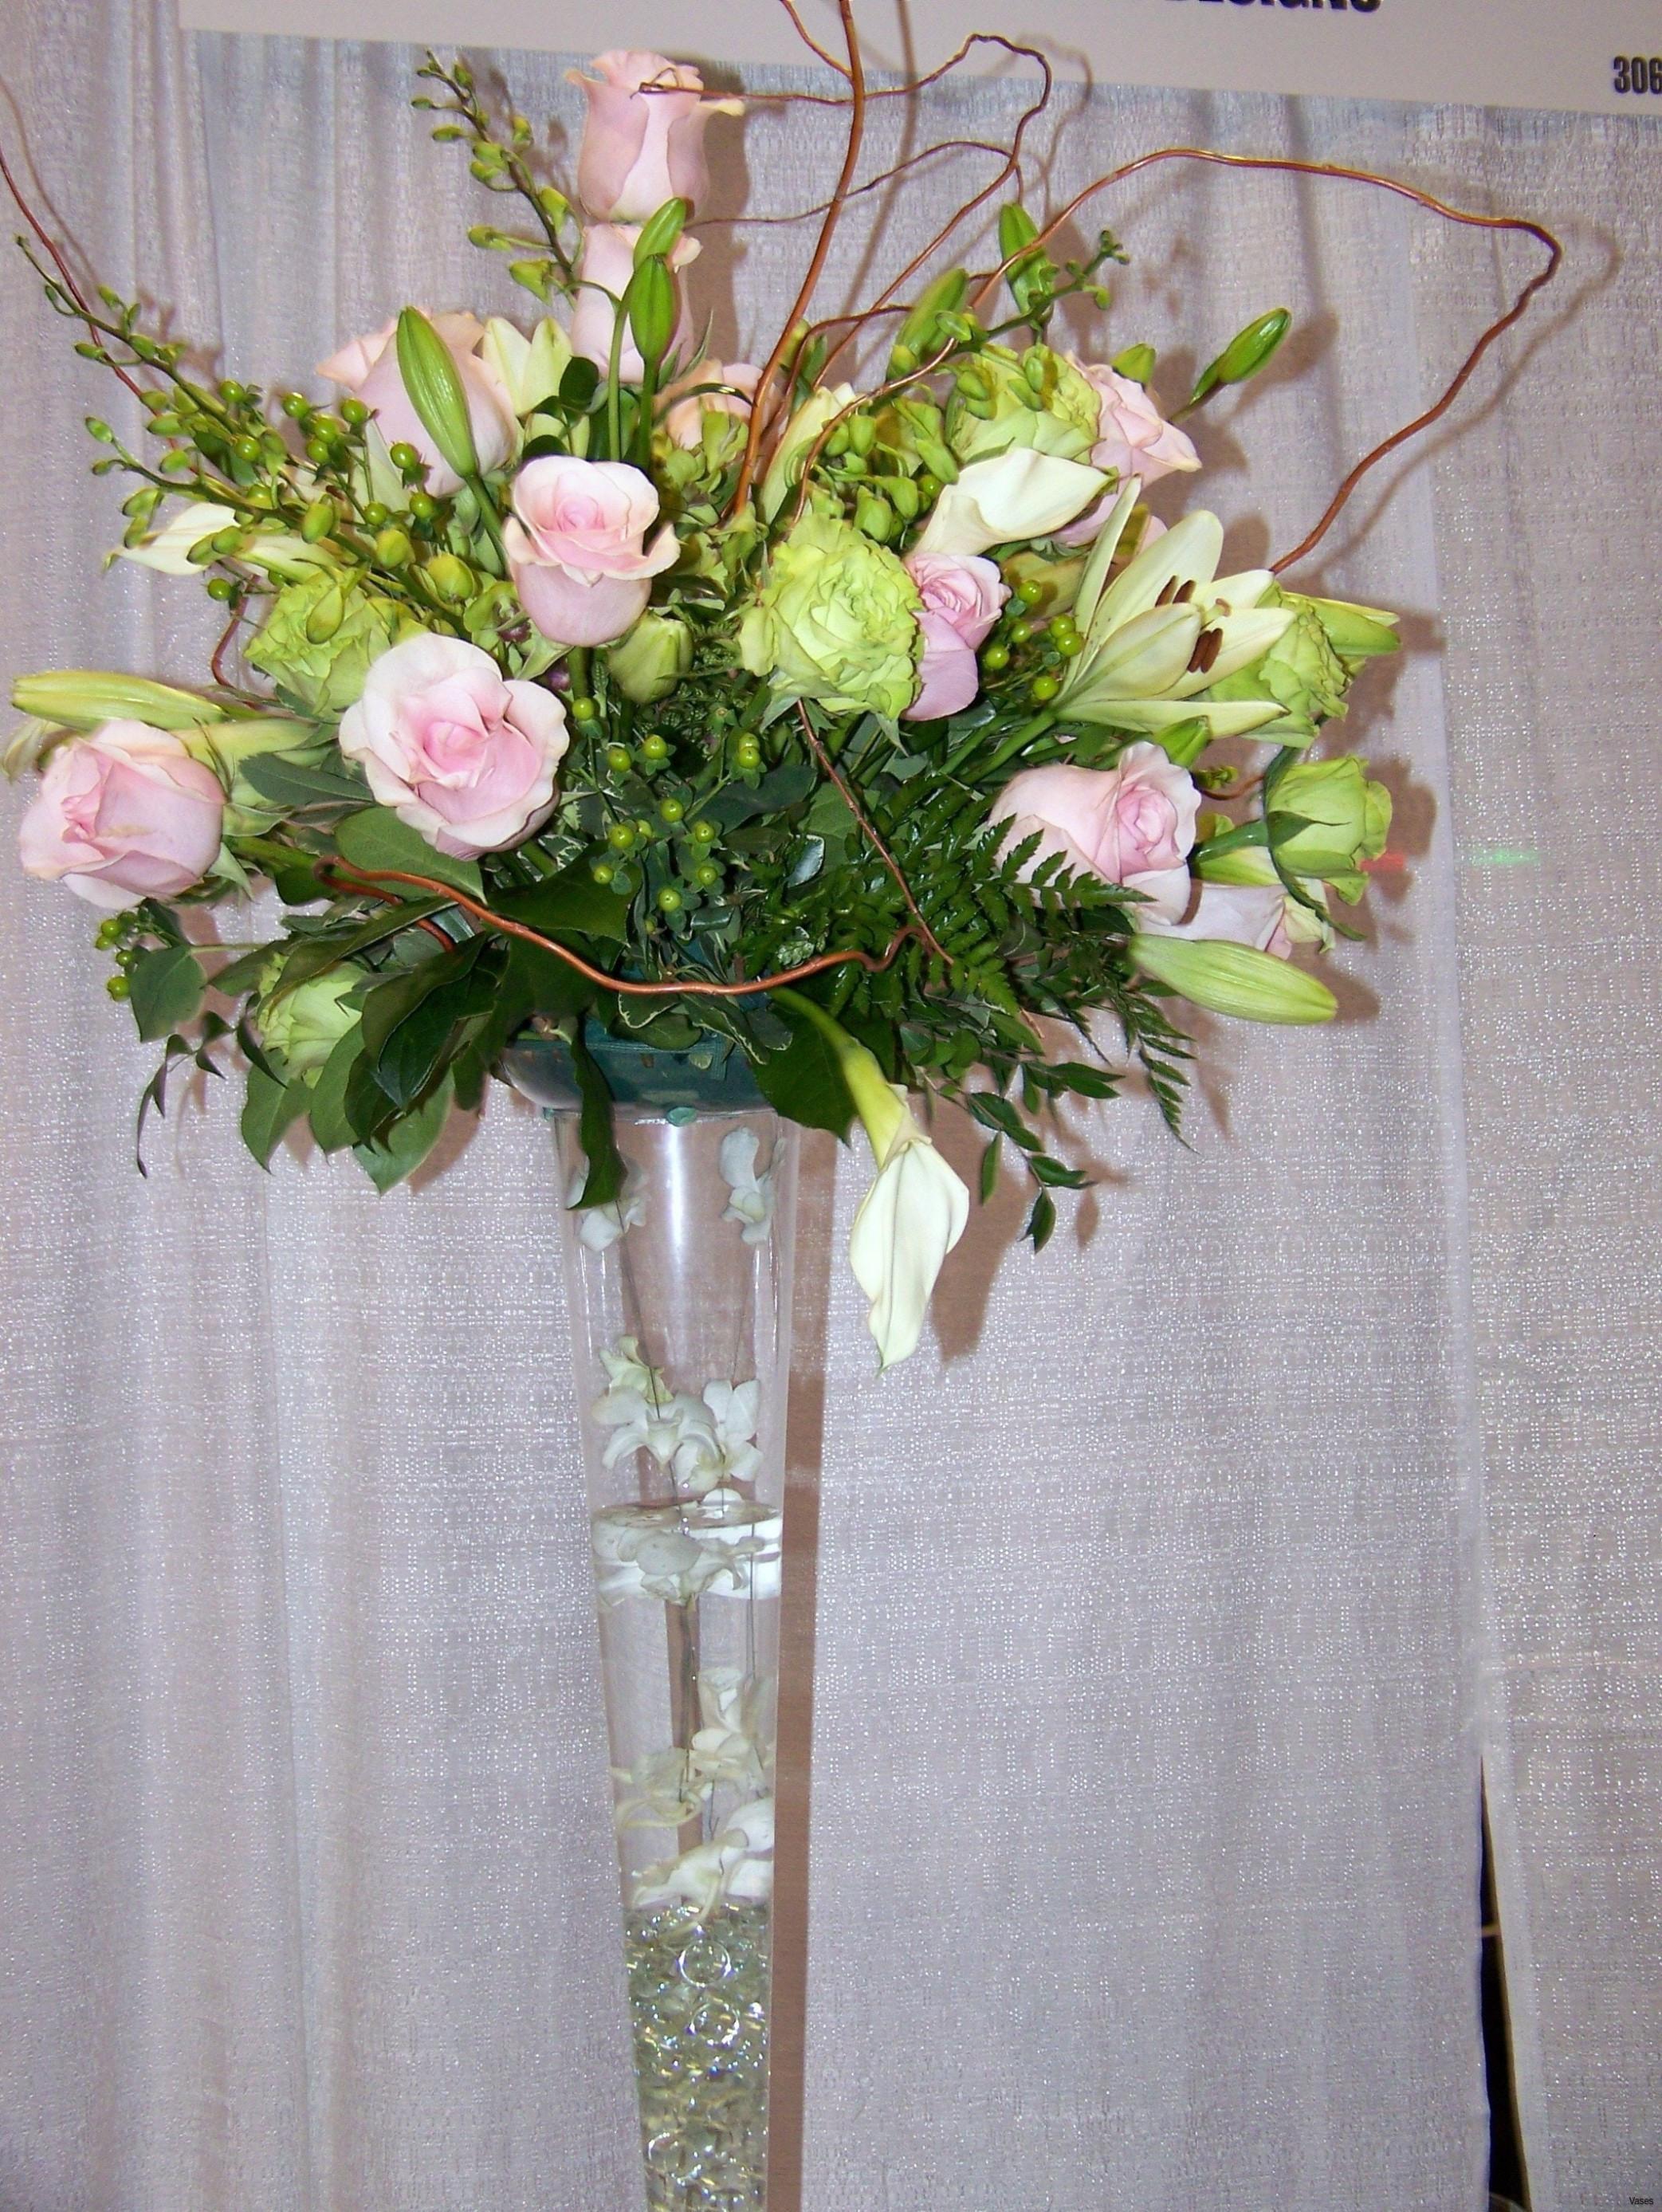 30 Famous Diy Flower Vase Ideas Decorative Vase Ideas